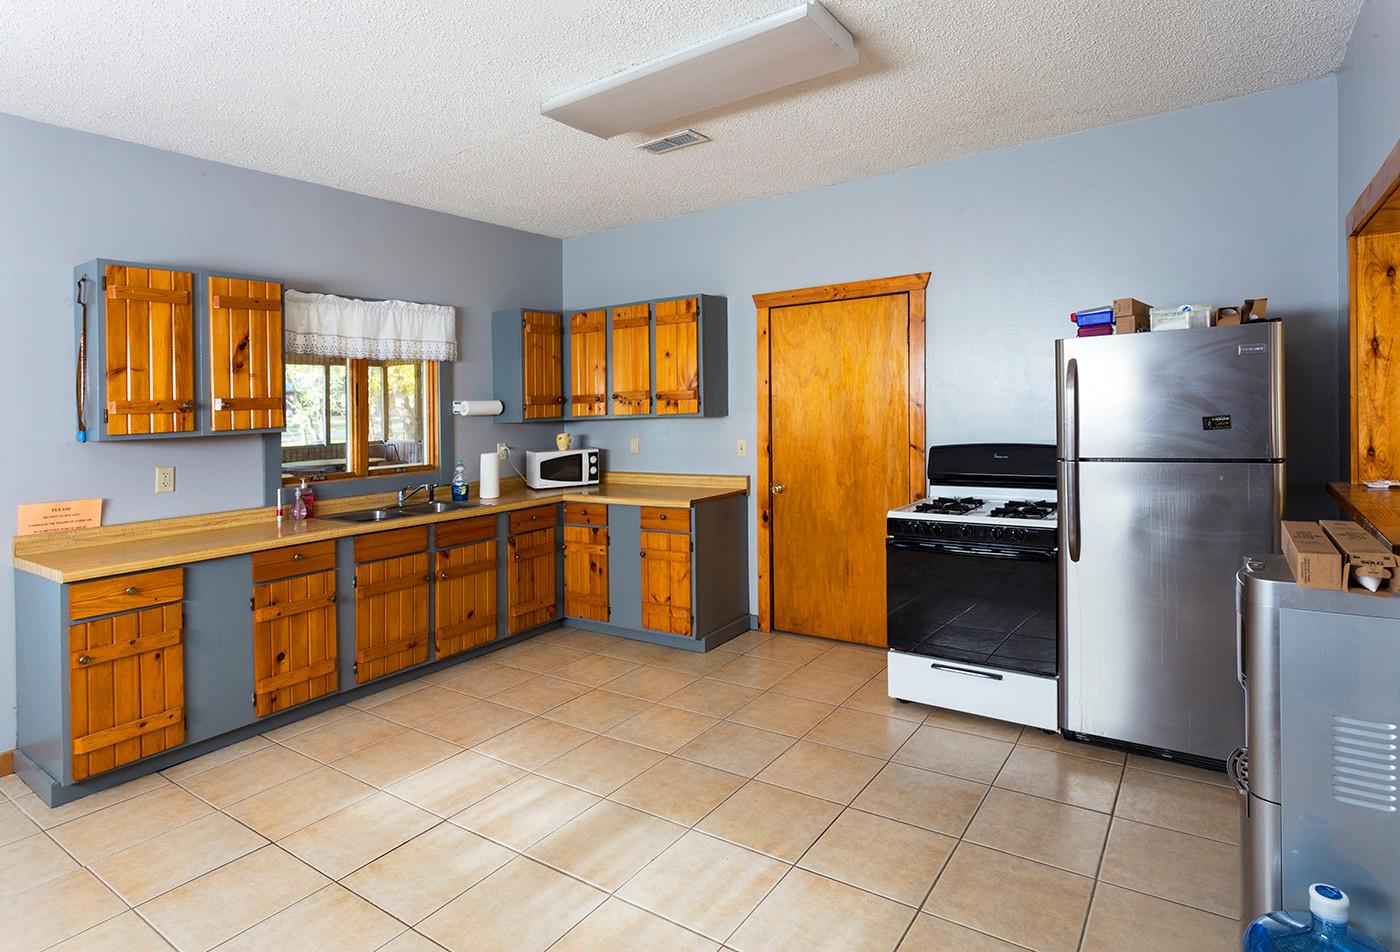 Stern Lodge Kitchen